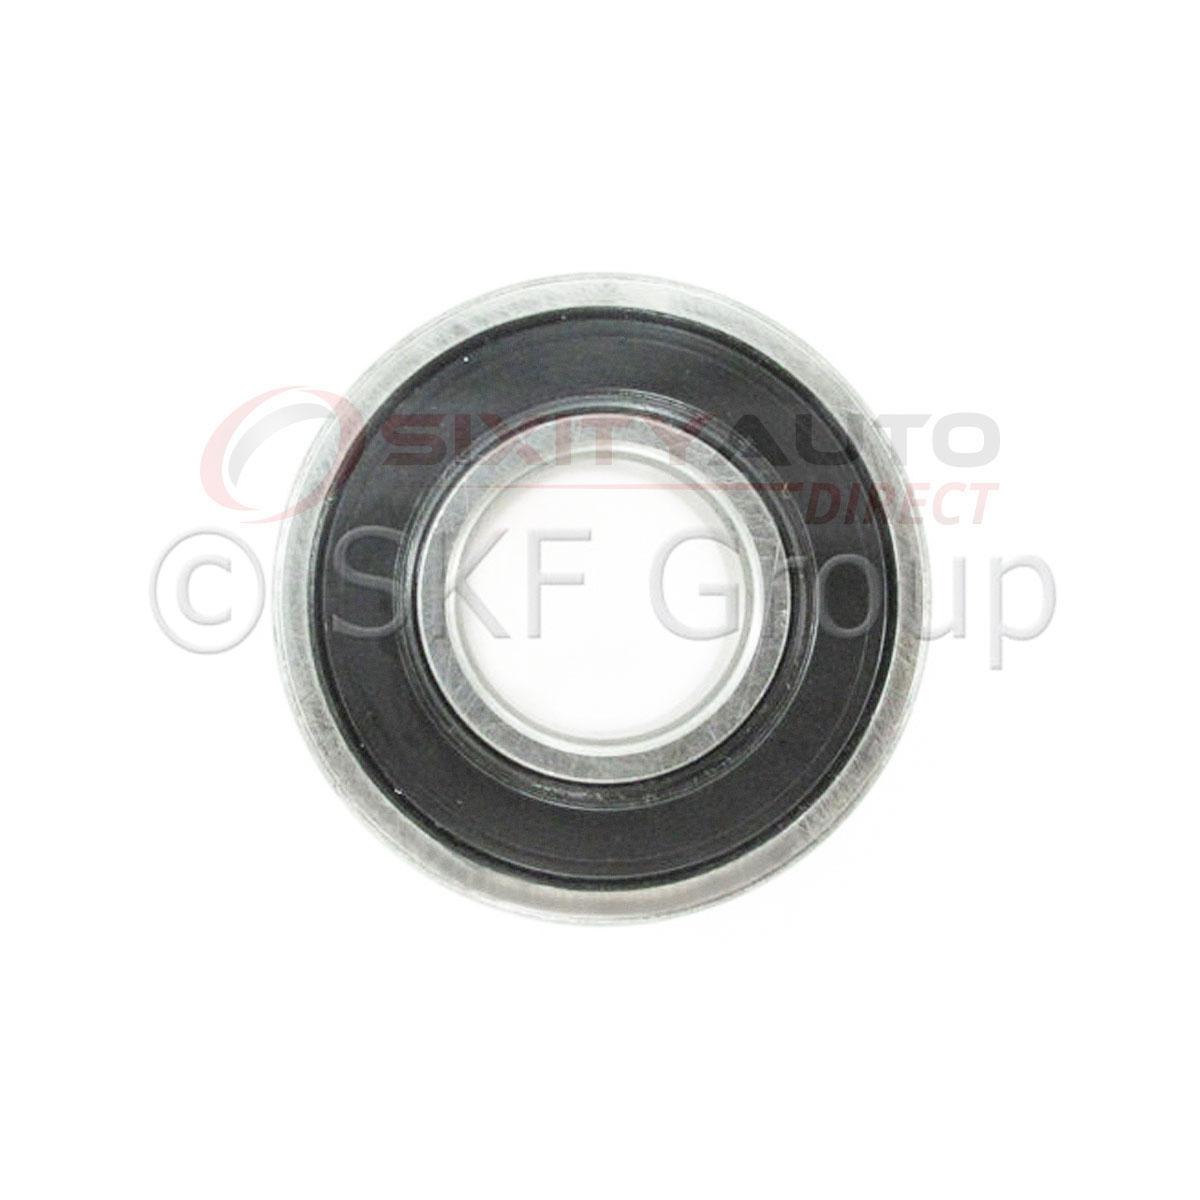 Skf Alternator Bearing For 1968